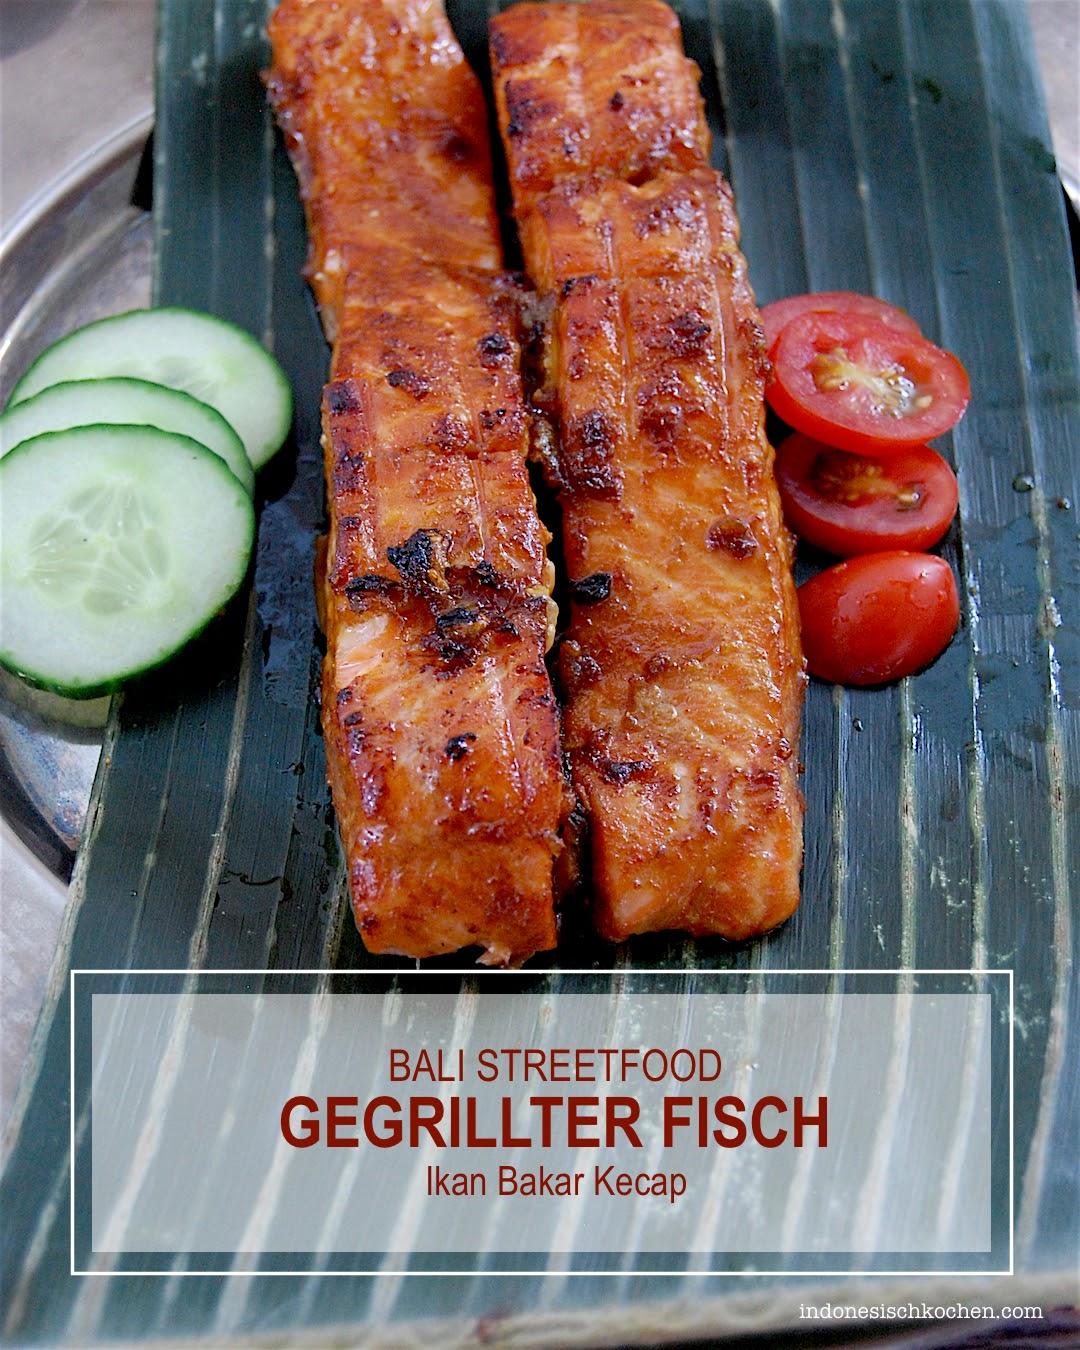 Rezept Gegrillter Fisch mit Kecap Manis Marinade (Ikan Bakar Kecap)